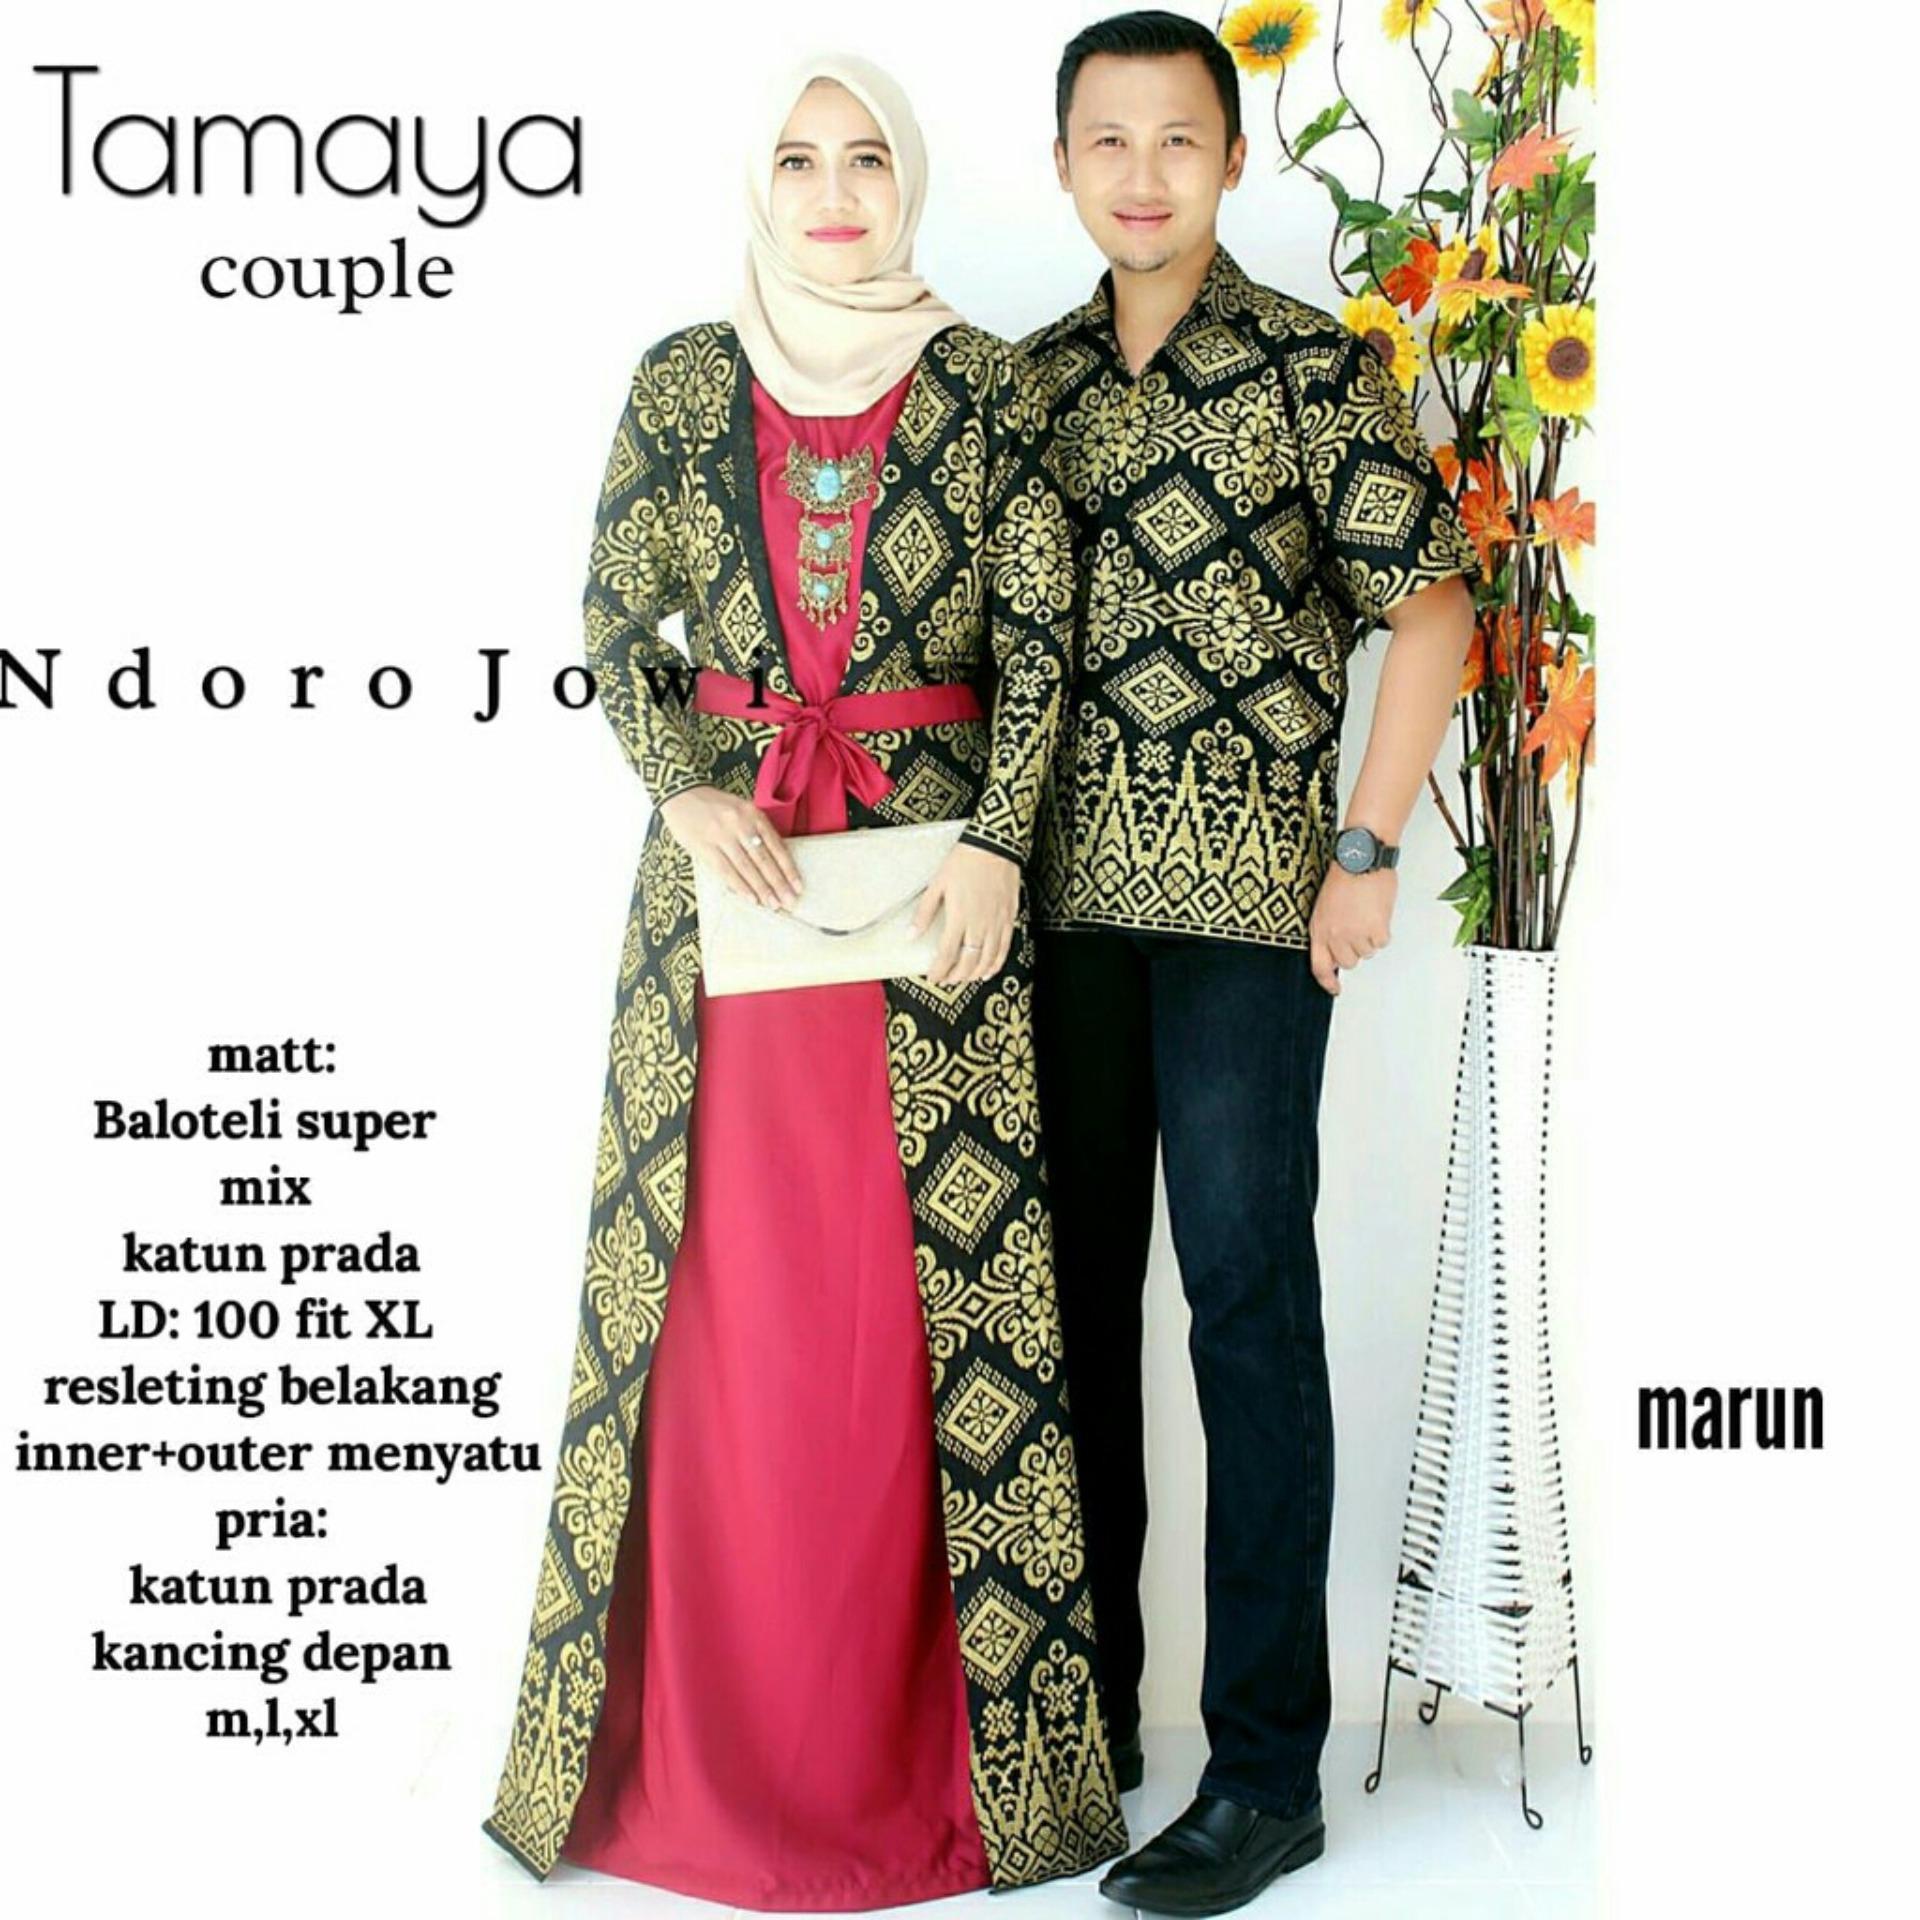 Features Baju Batik Couple Gamis Modern Baju Muslim Wanita Terbaru 8a1939c6f0